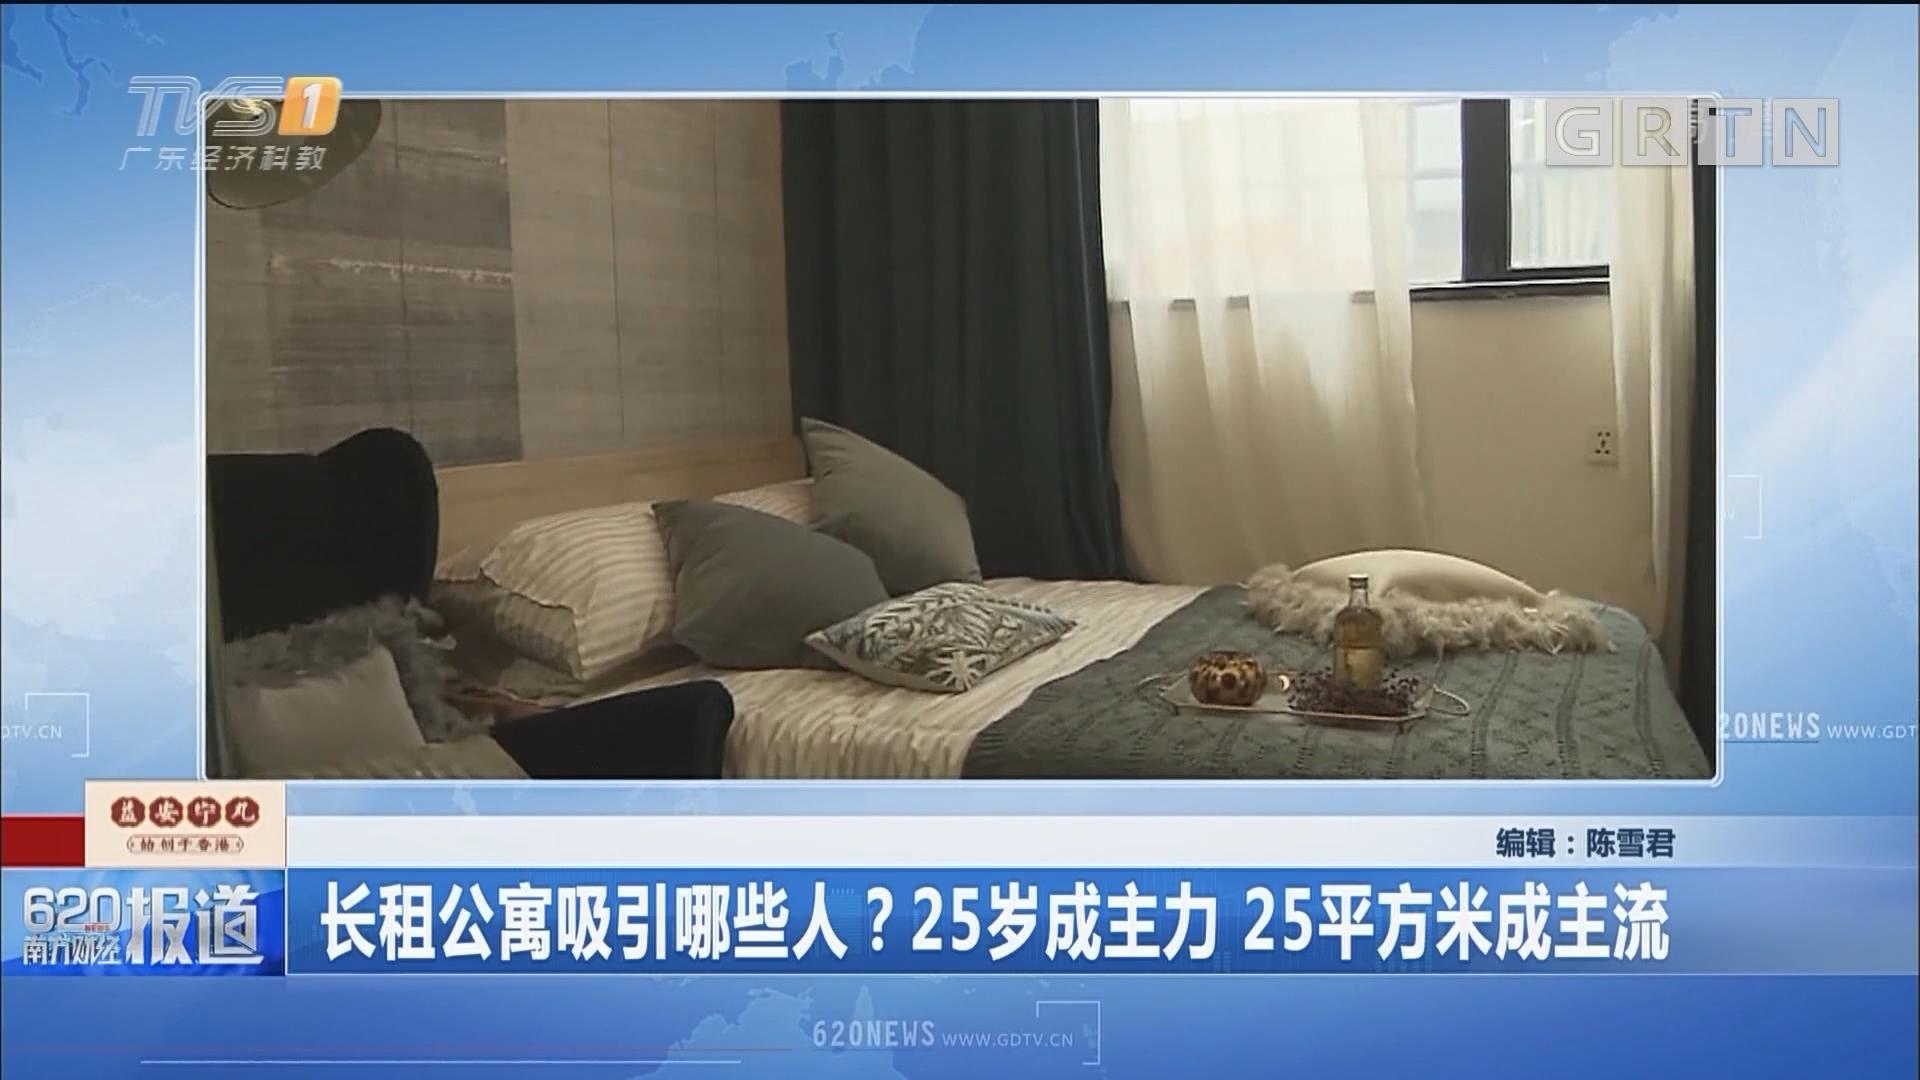 长租公寓吸引哪些人?25岁成主力 25平方米成主流